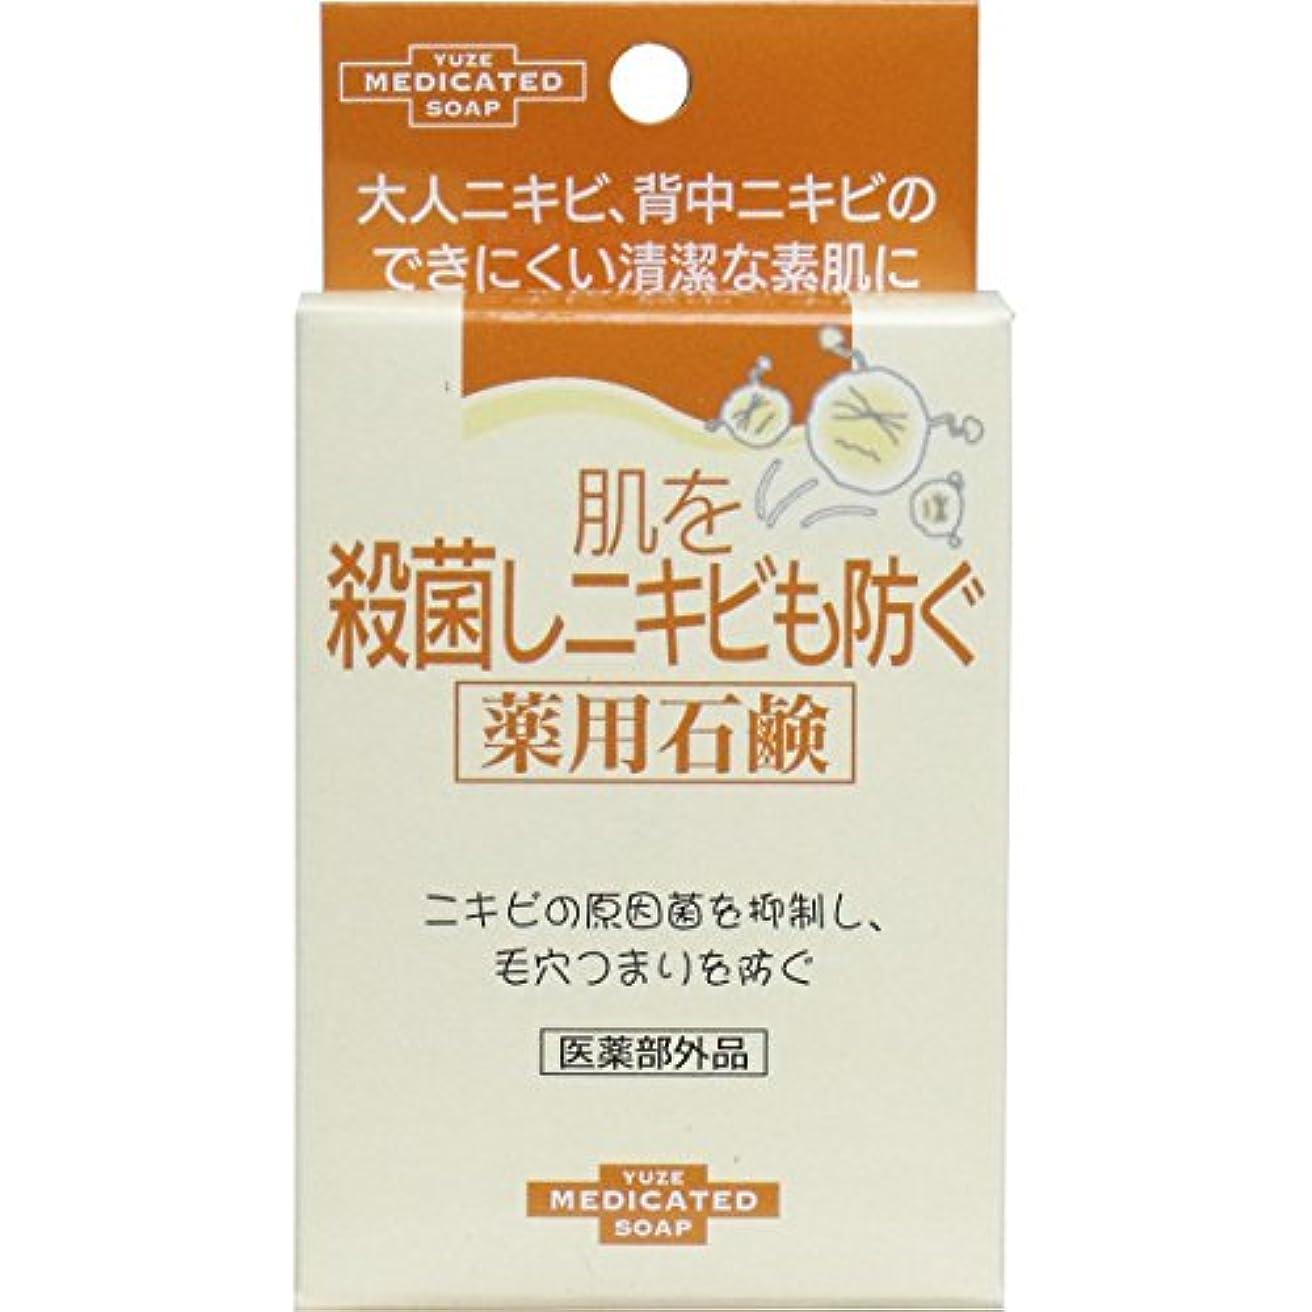 まもなく申請者媒染剤ユゼ 肌を殺菌しニキビも防ぐ薬用石鹸 6セット